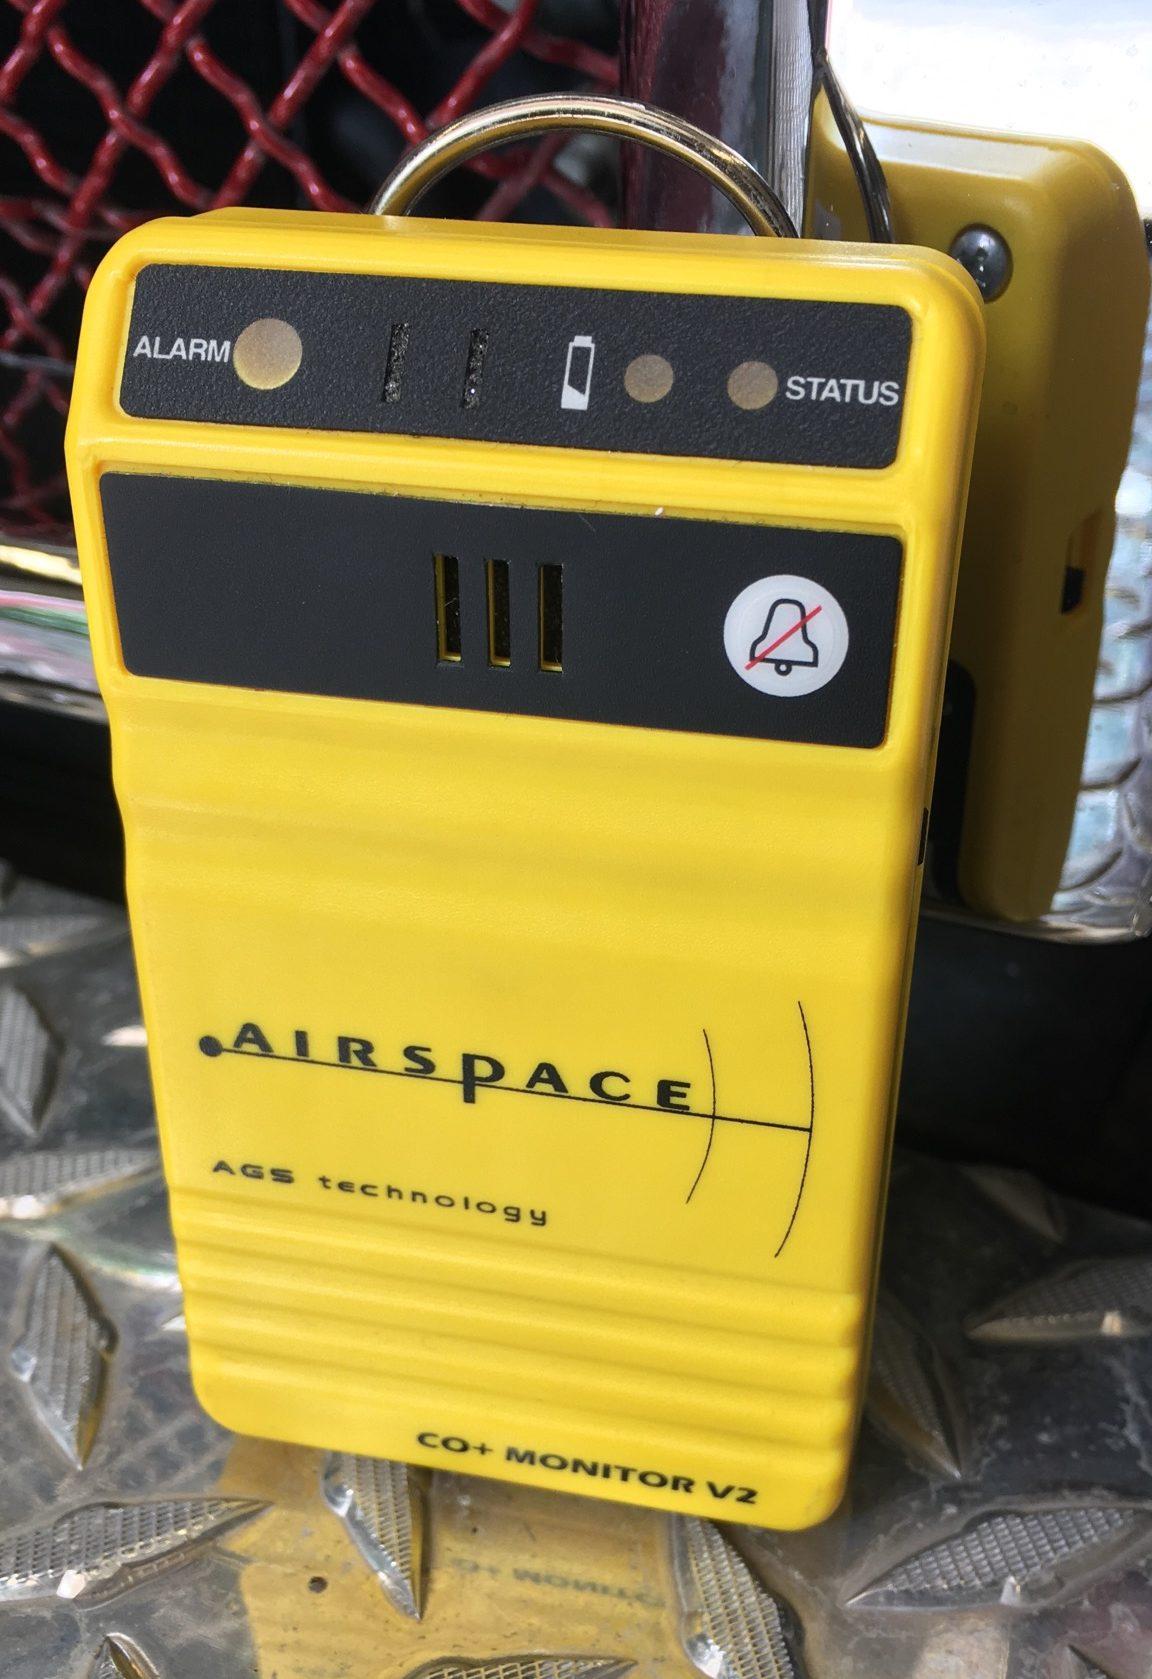 AI-1100 Photo 1